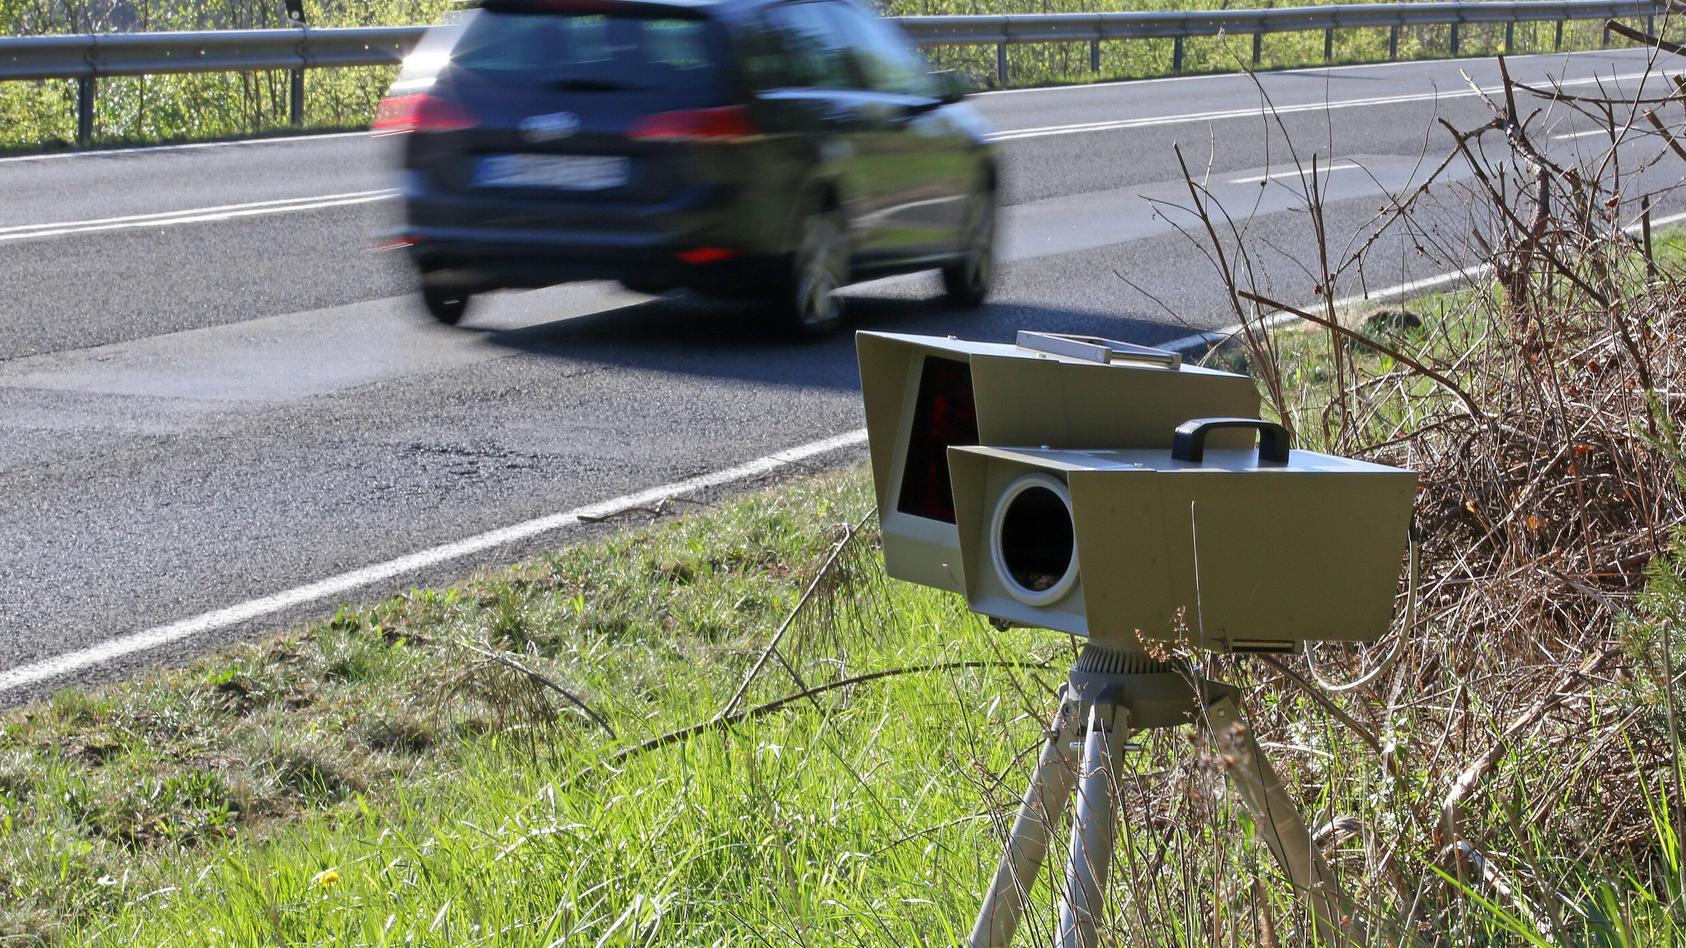 Symbolbild Thema Polizei, Geschwindigkeitsmessung, Mobile Geschwindigkeitsueberwachung, ES 8.0, ESO8.0, ein Auto faehrt